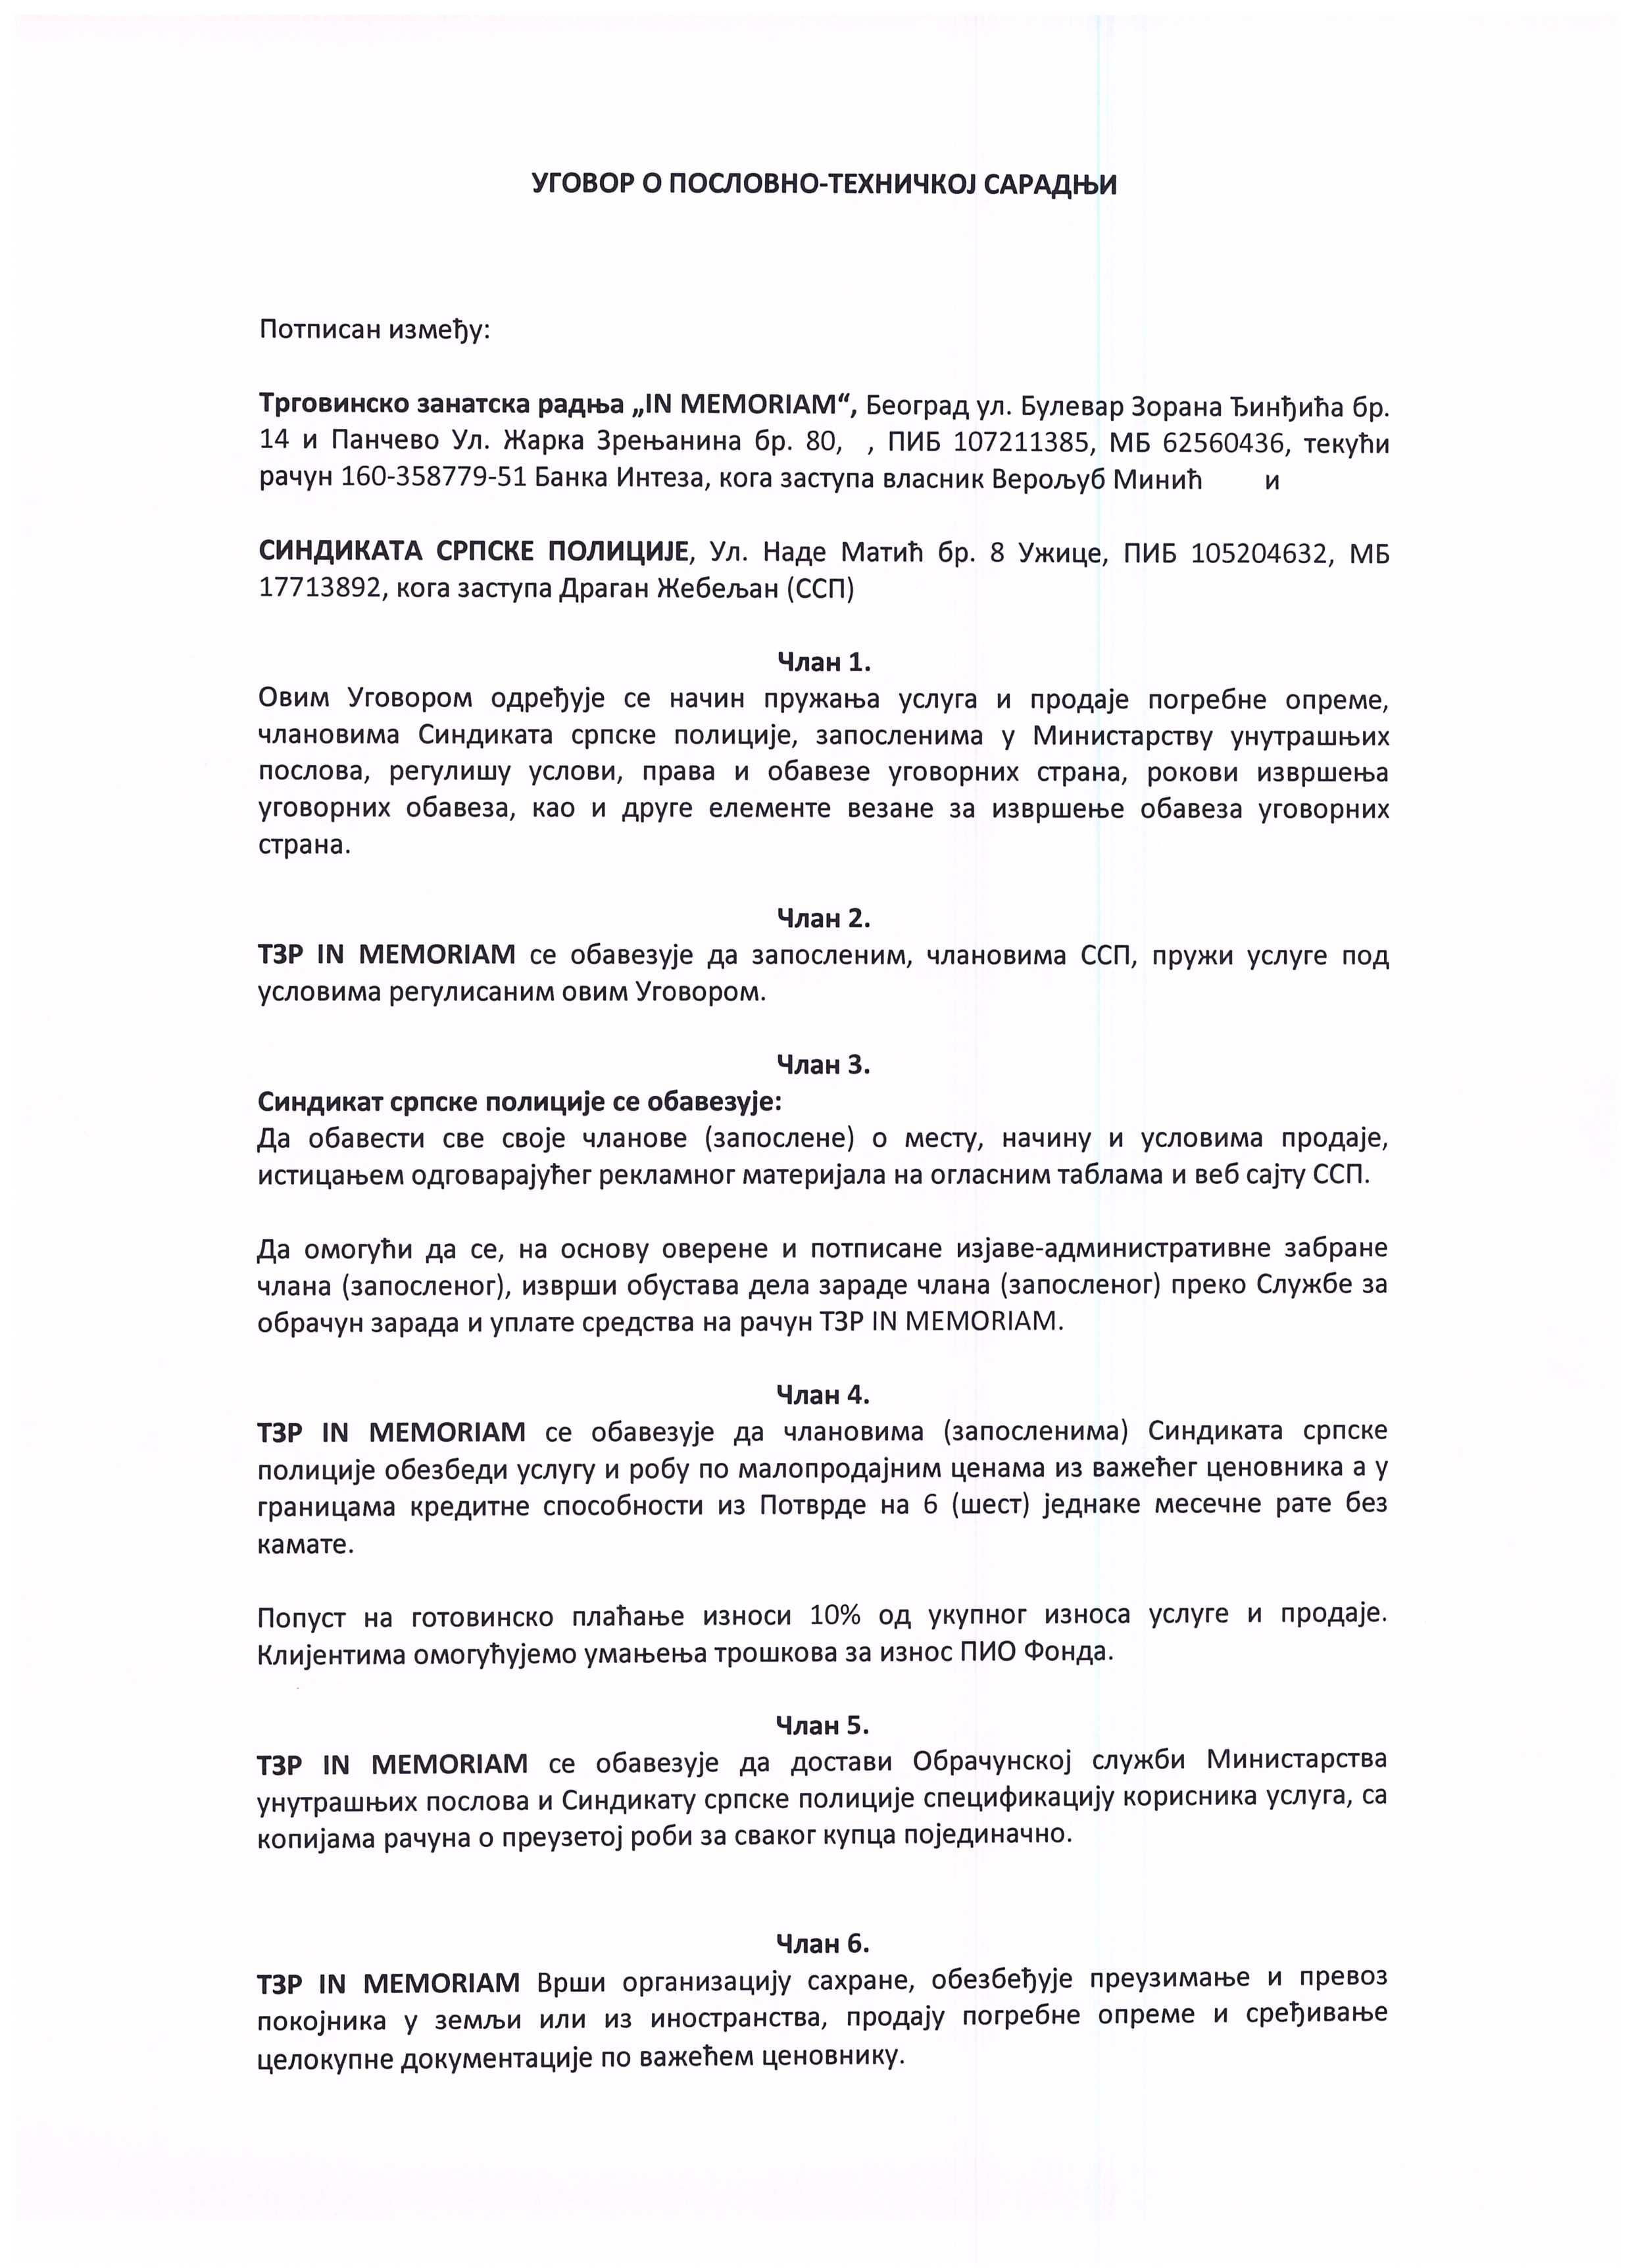 Sindikat vojske Srbije